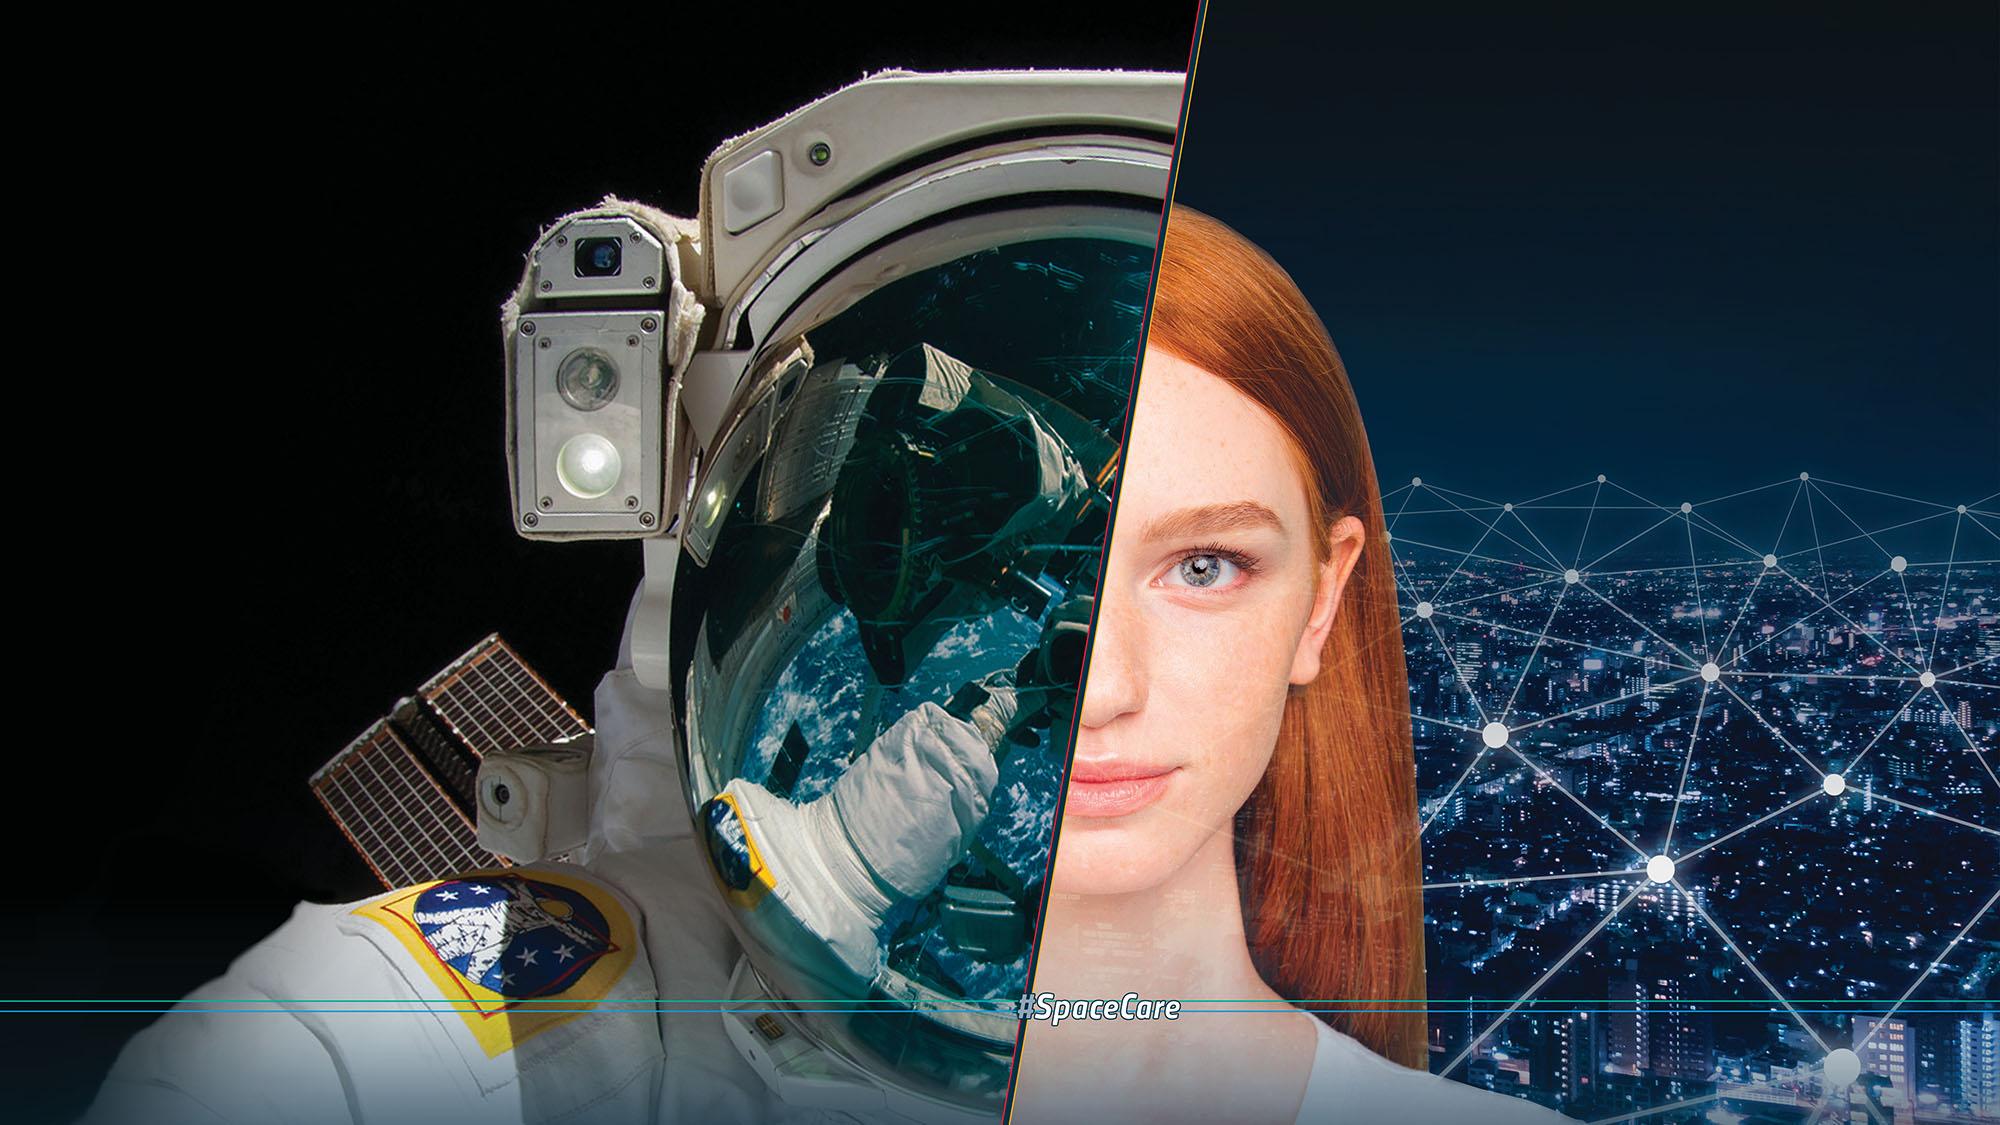 l'europa-cerca-astronaute-e-astronauti.-e-apre-alle-persone-con-disabilita